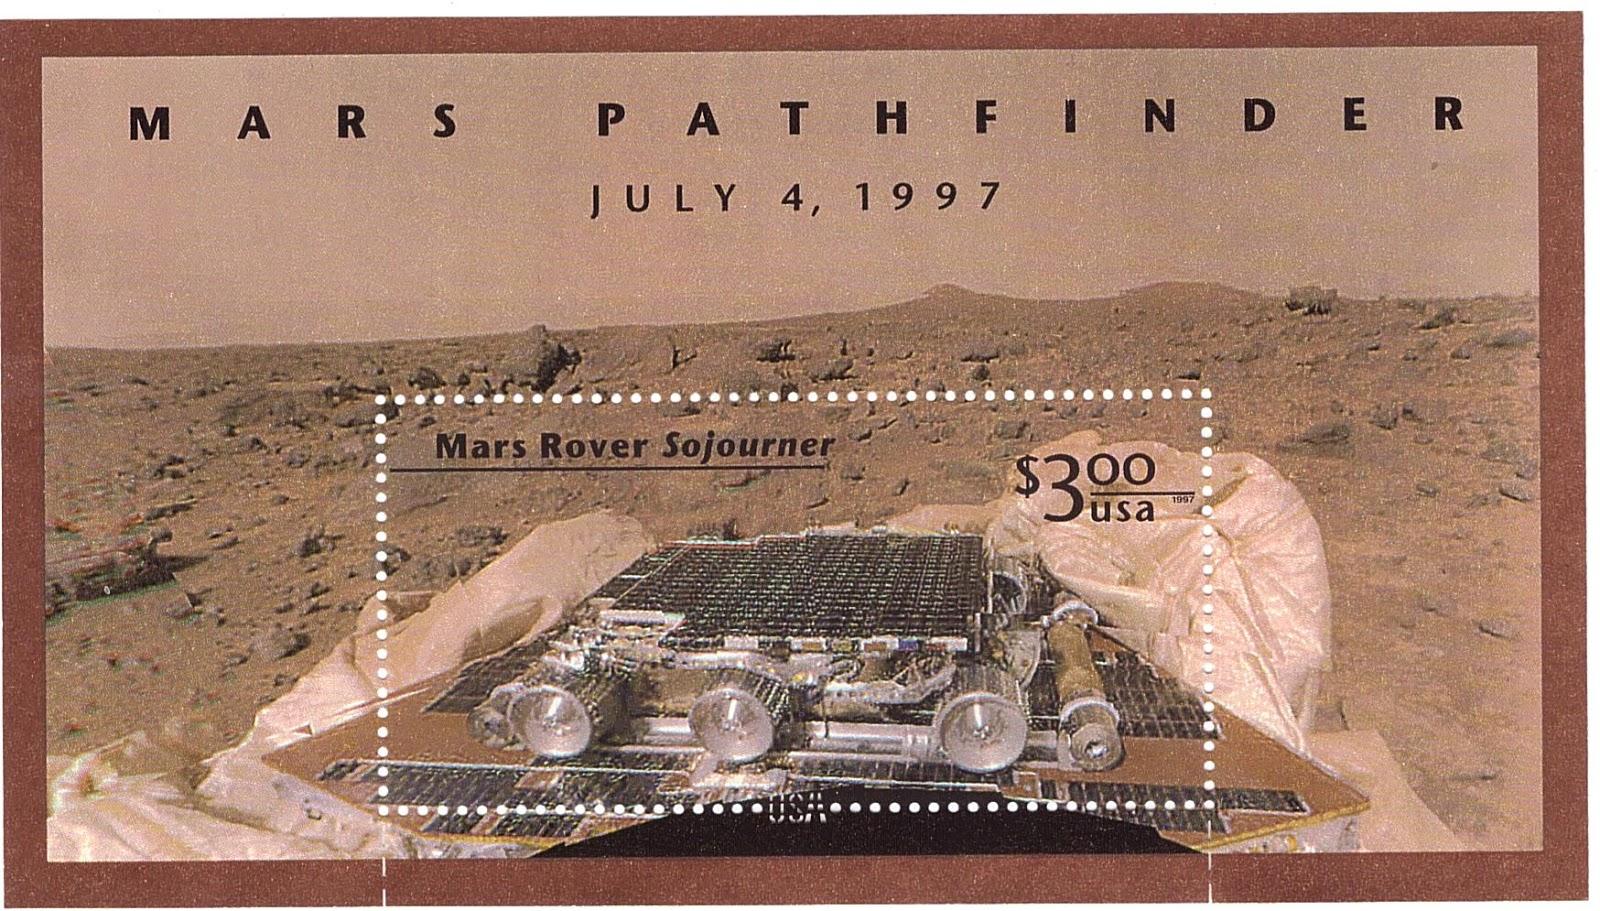 mars rover july 4 1997 - photo #5